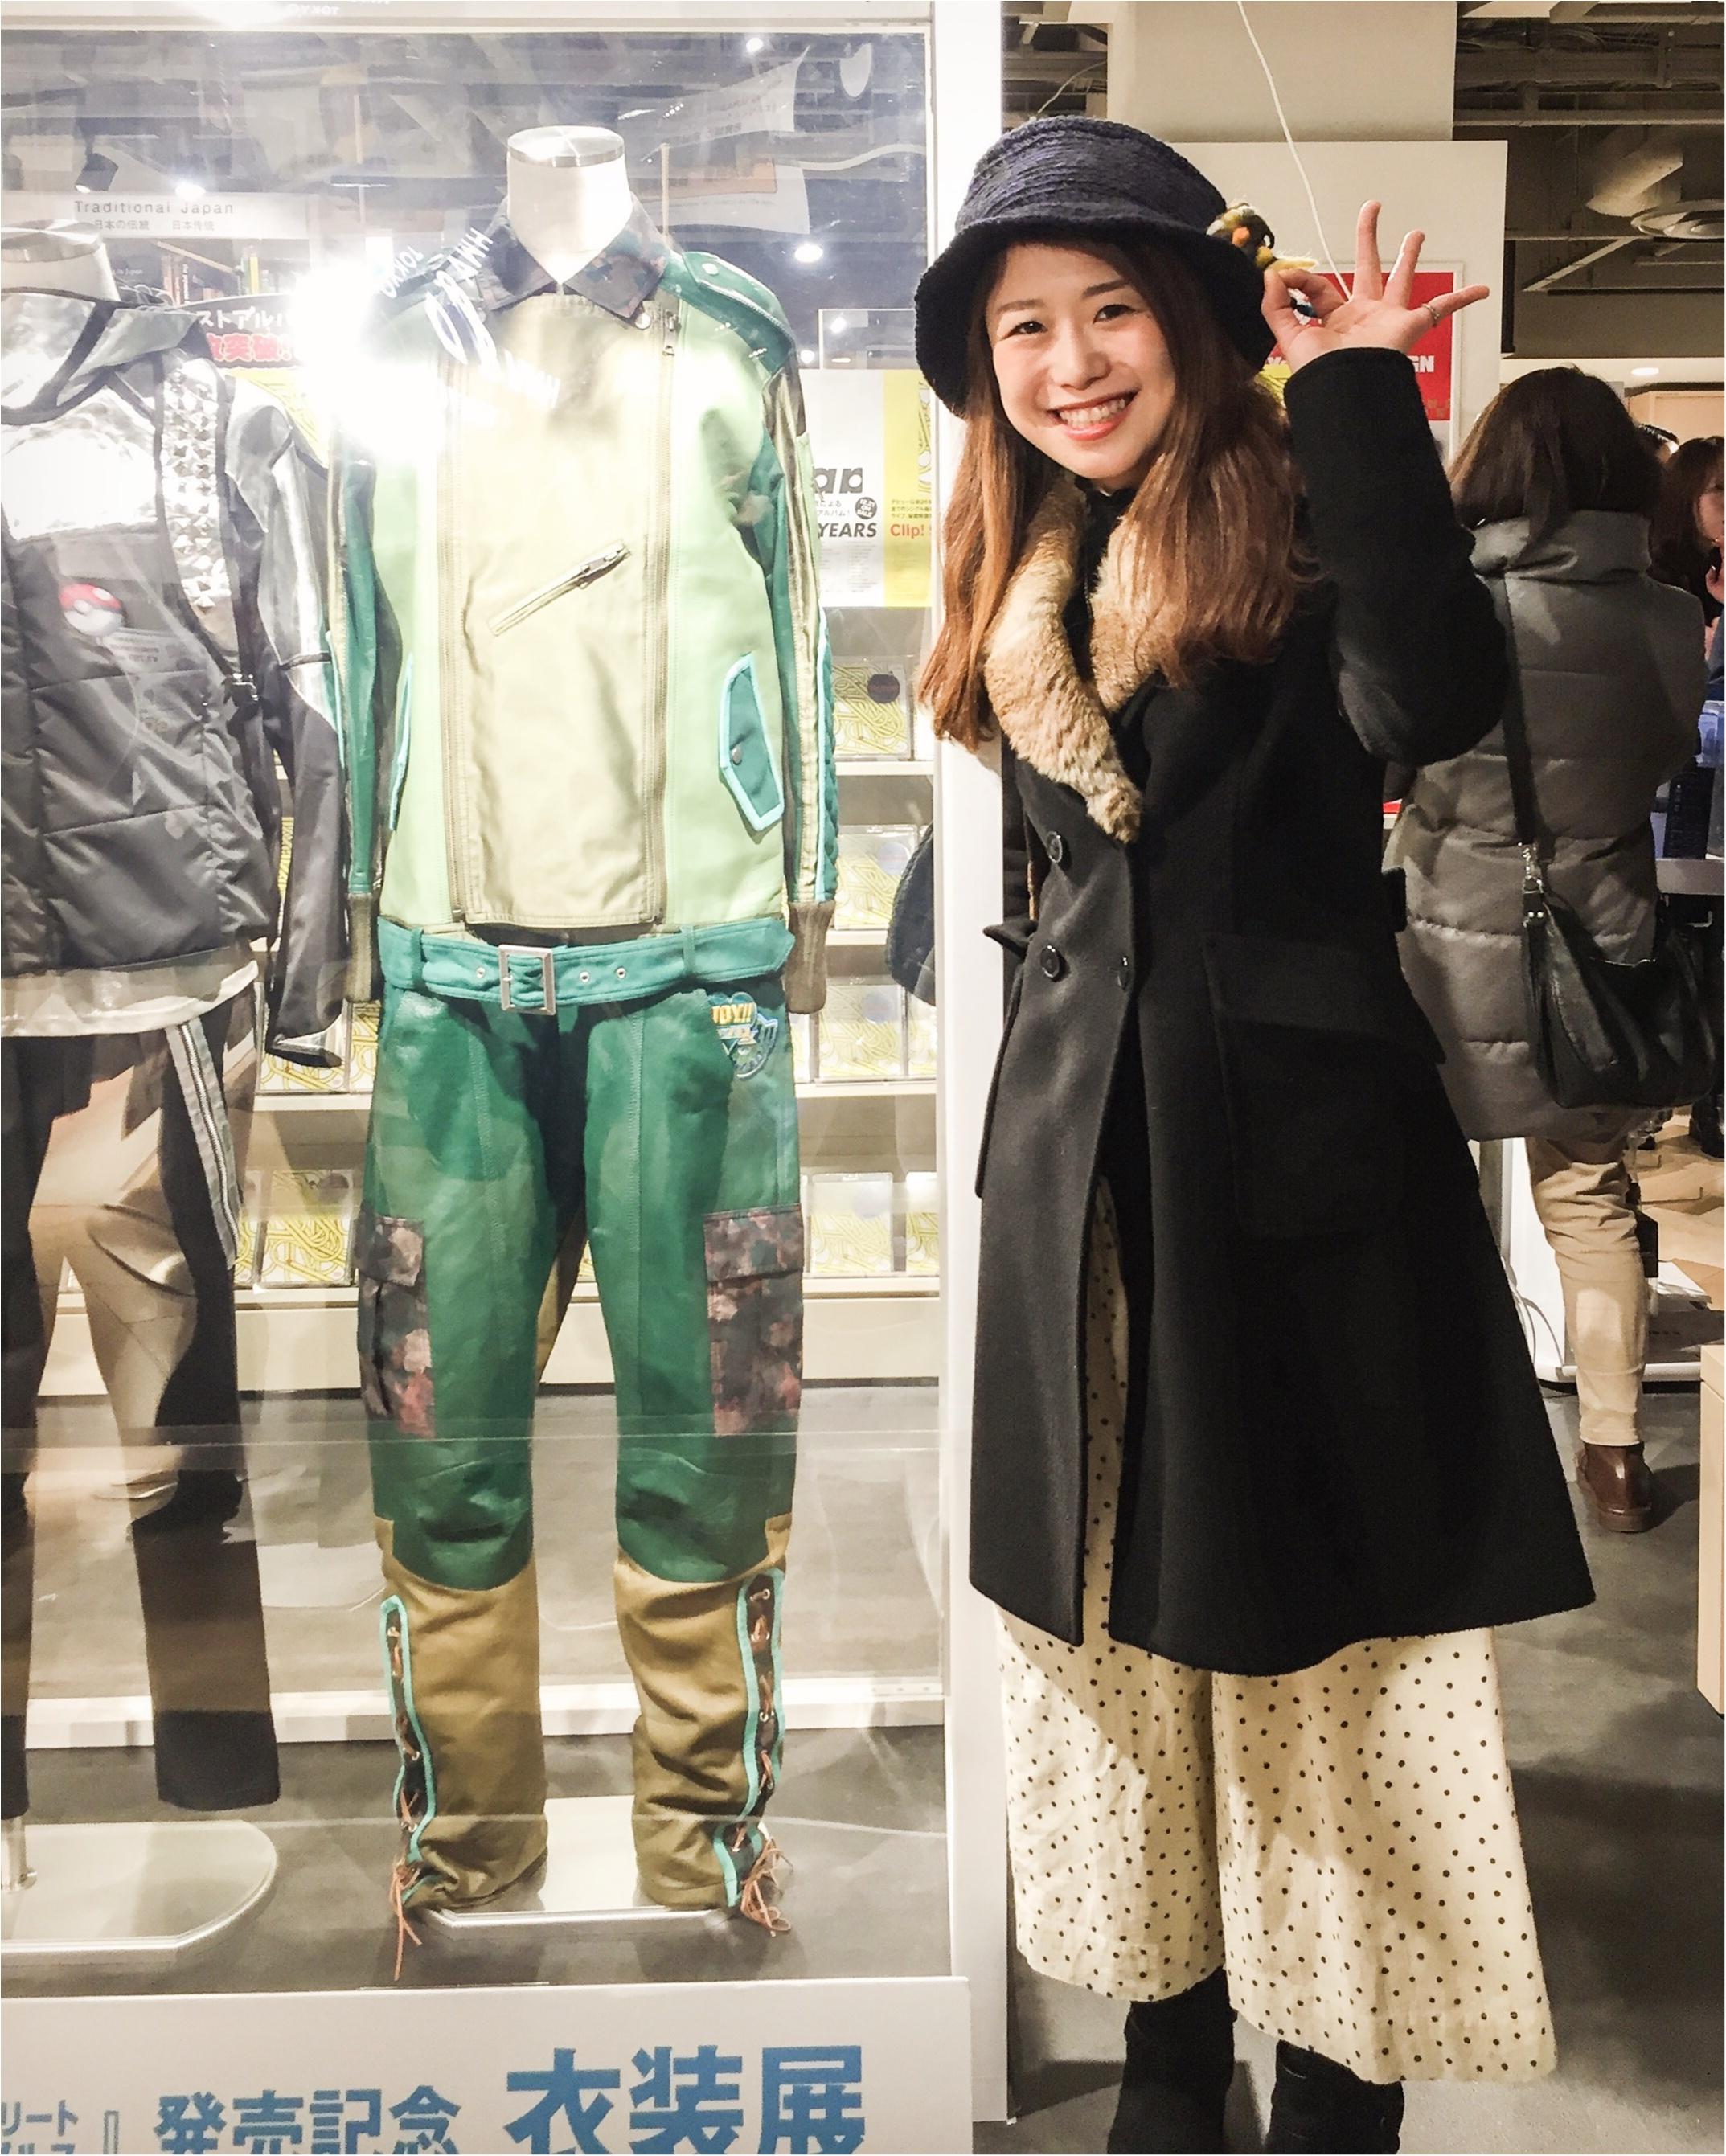 寒さ本番!今選ぶ冬の大人カジュアル✨【唄と】サイキンノユッコ【ファッション】_4